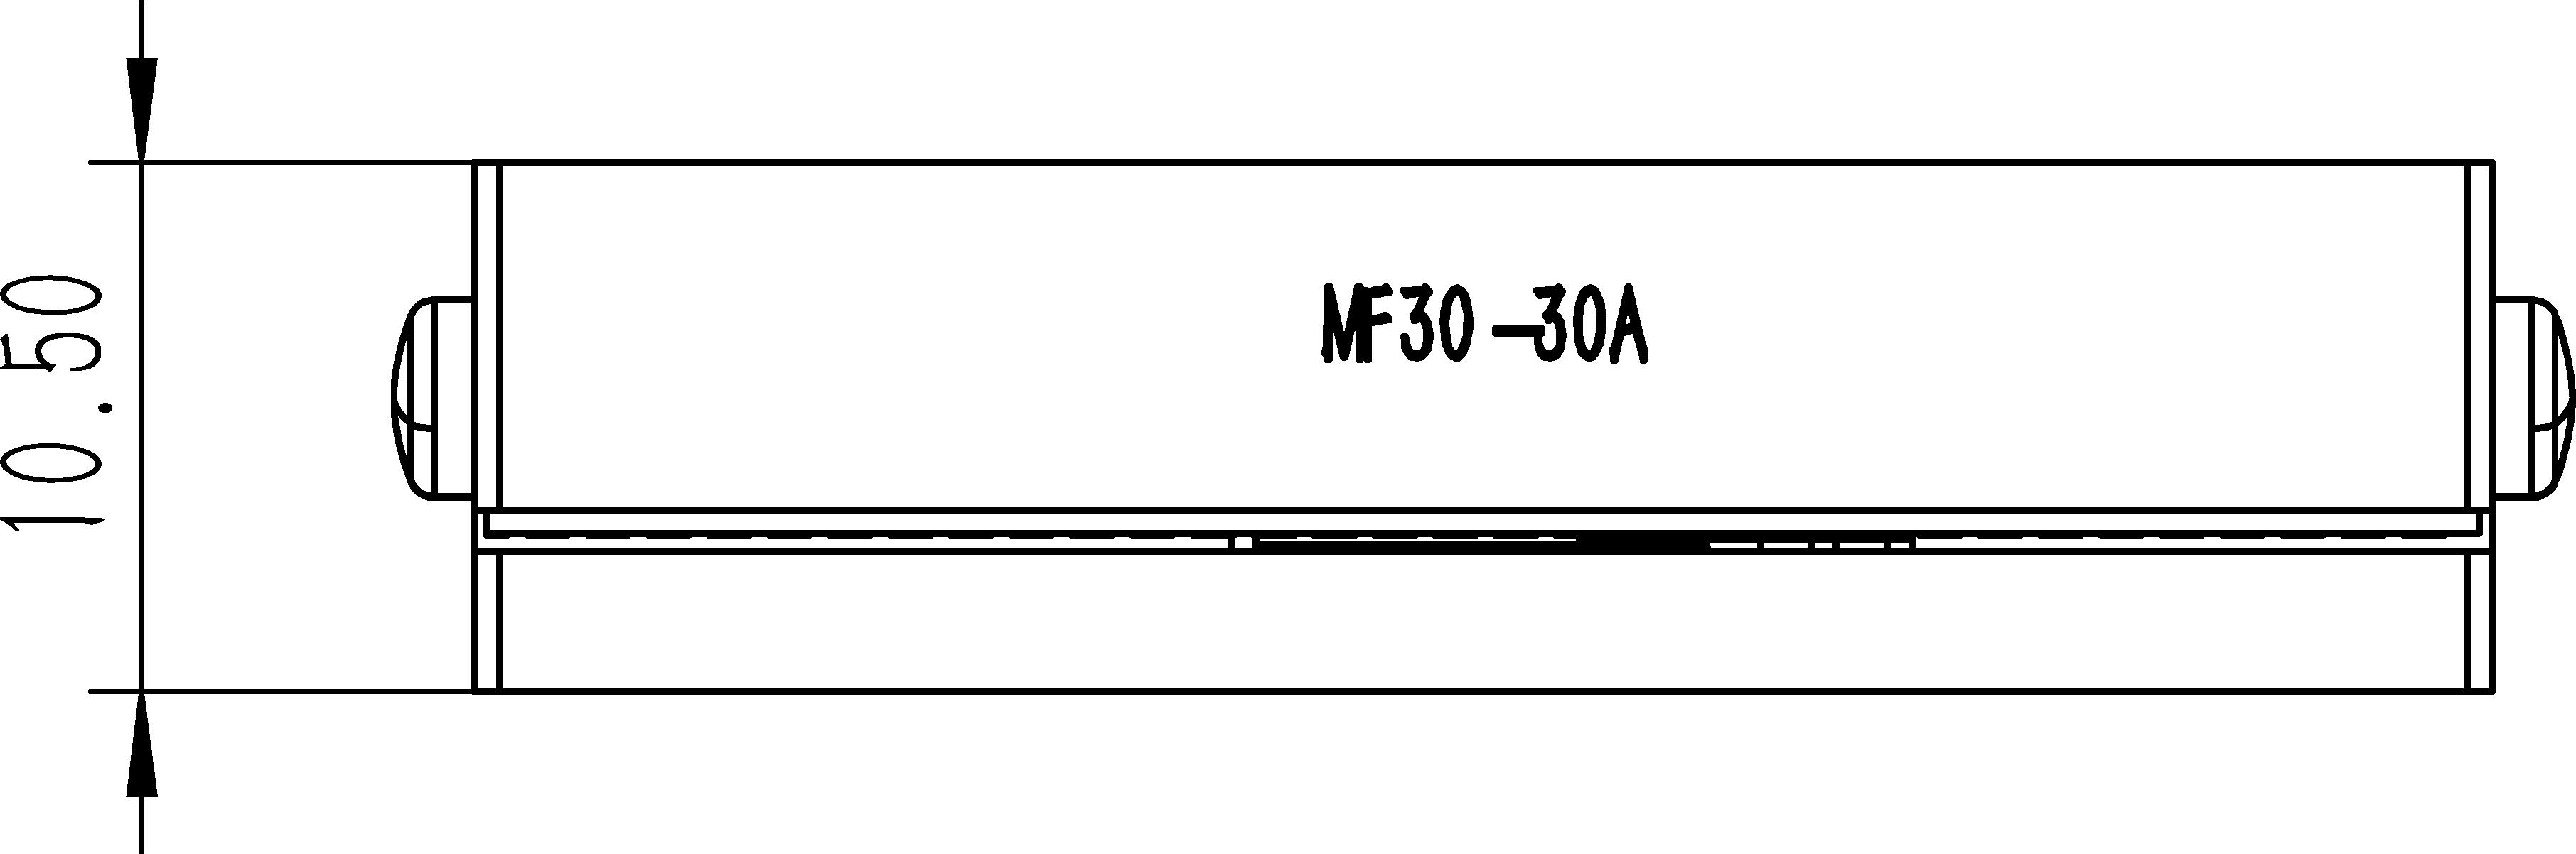 直线纳米位移MF30-30A尺寸3